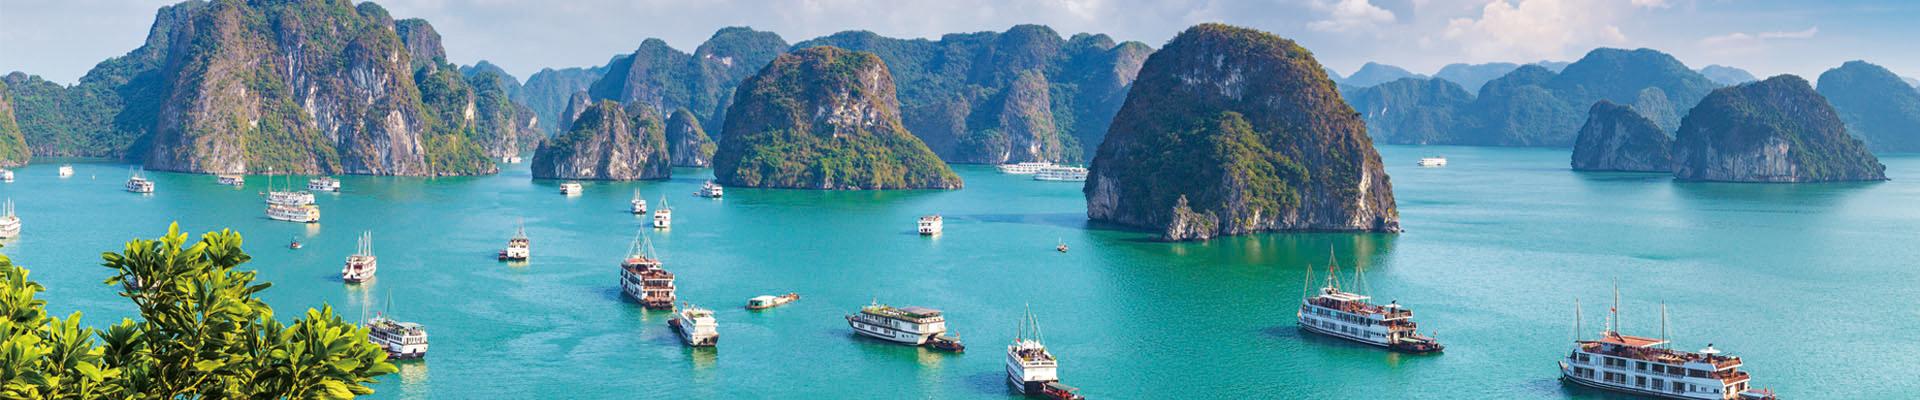 ベトナム旅行・ツアー・観光は格安価格で予約!【HIS】